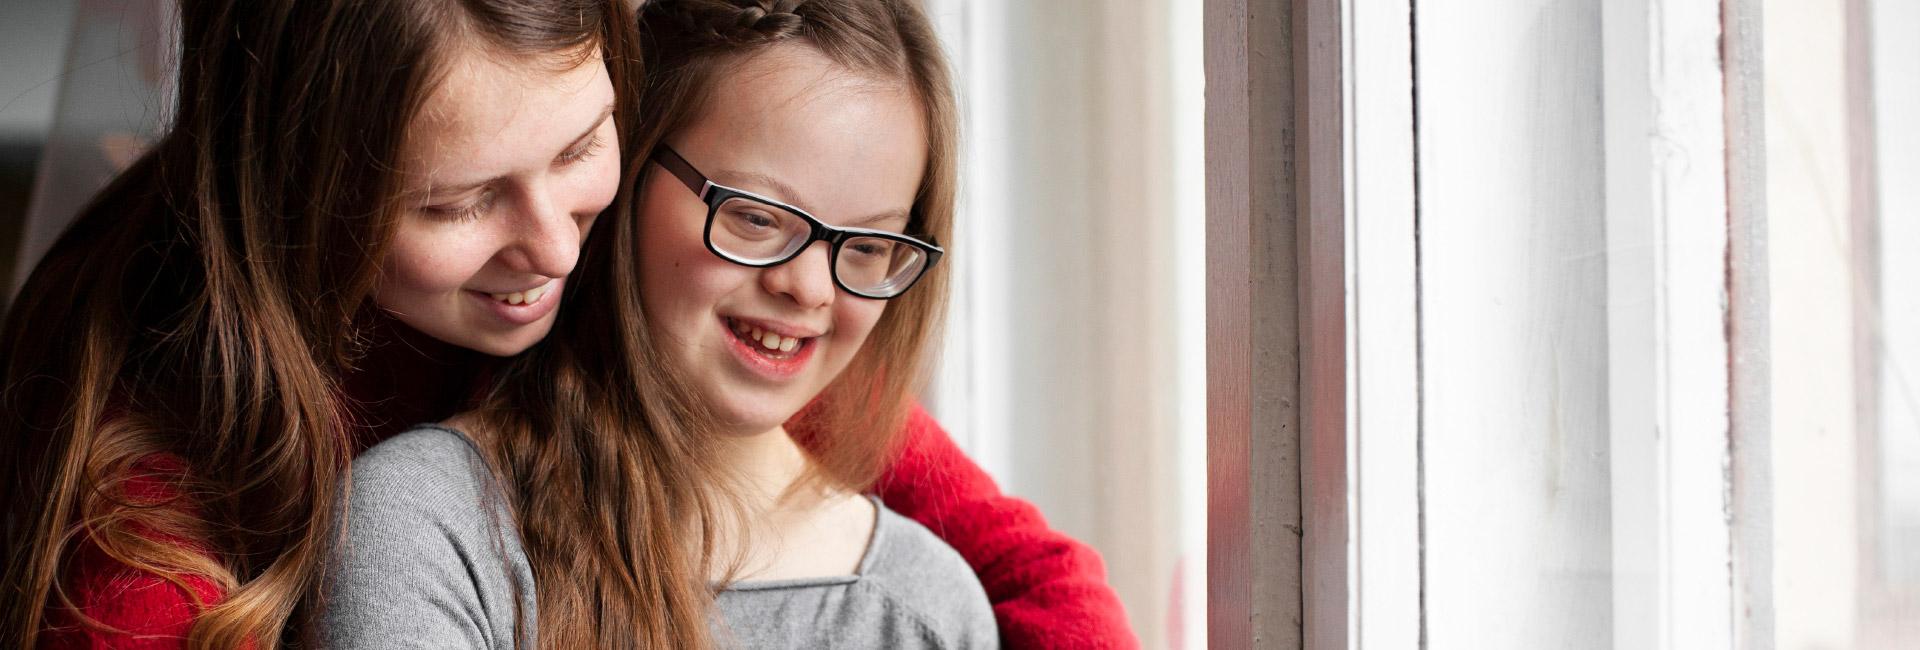 Eine ehrenamtliche Mitarbeiterin unterstützt eine junge Frau mit Behinderung.